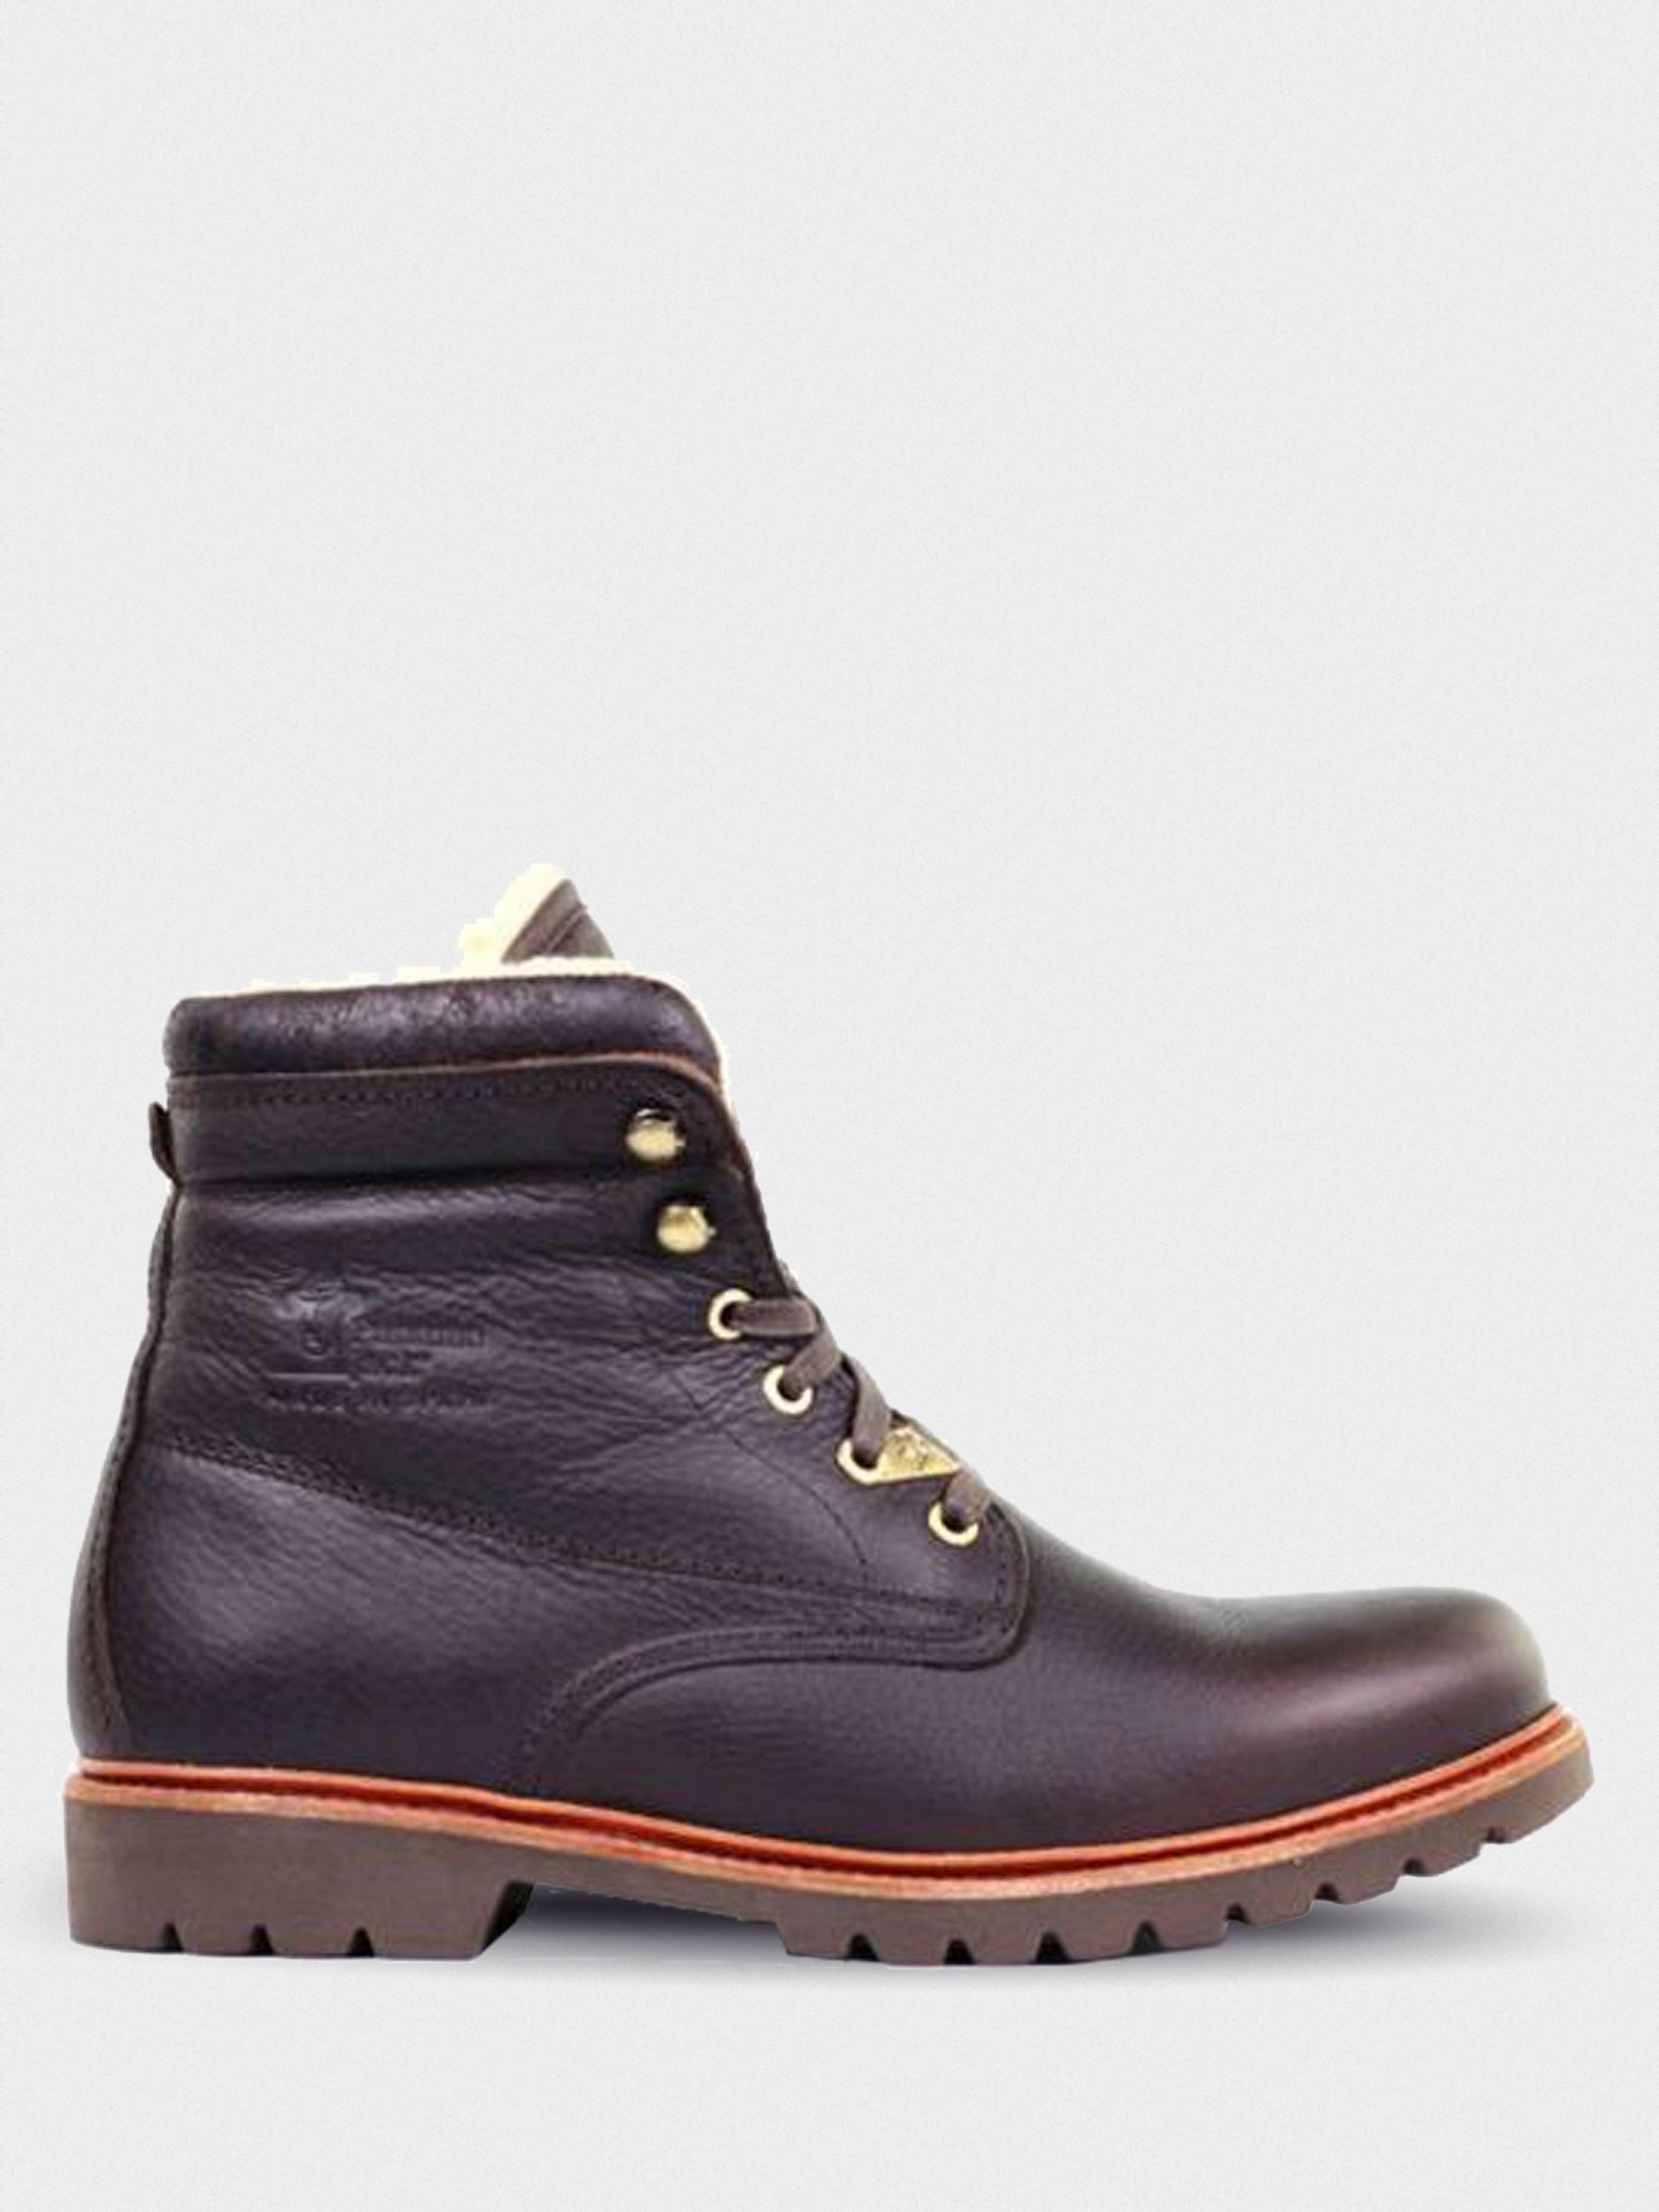 Купить Ботинки мужские Panama Jack PX76, Коричневый